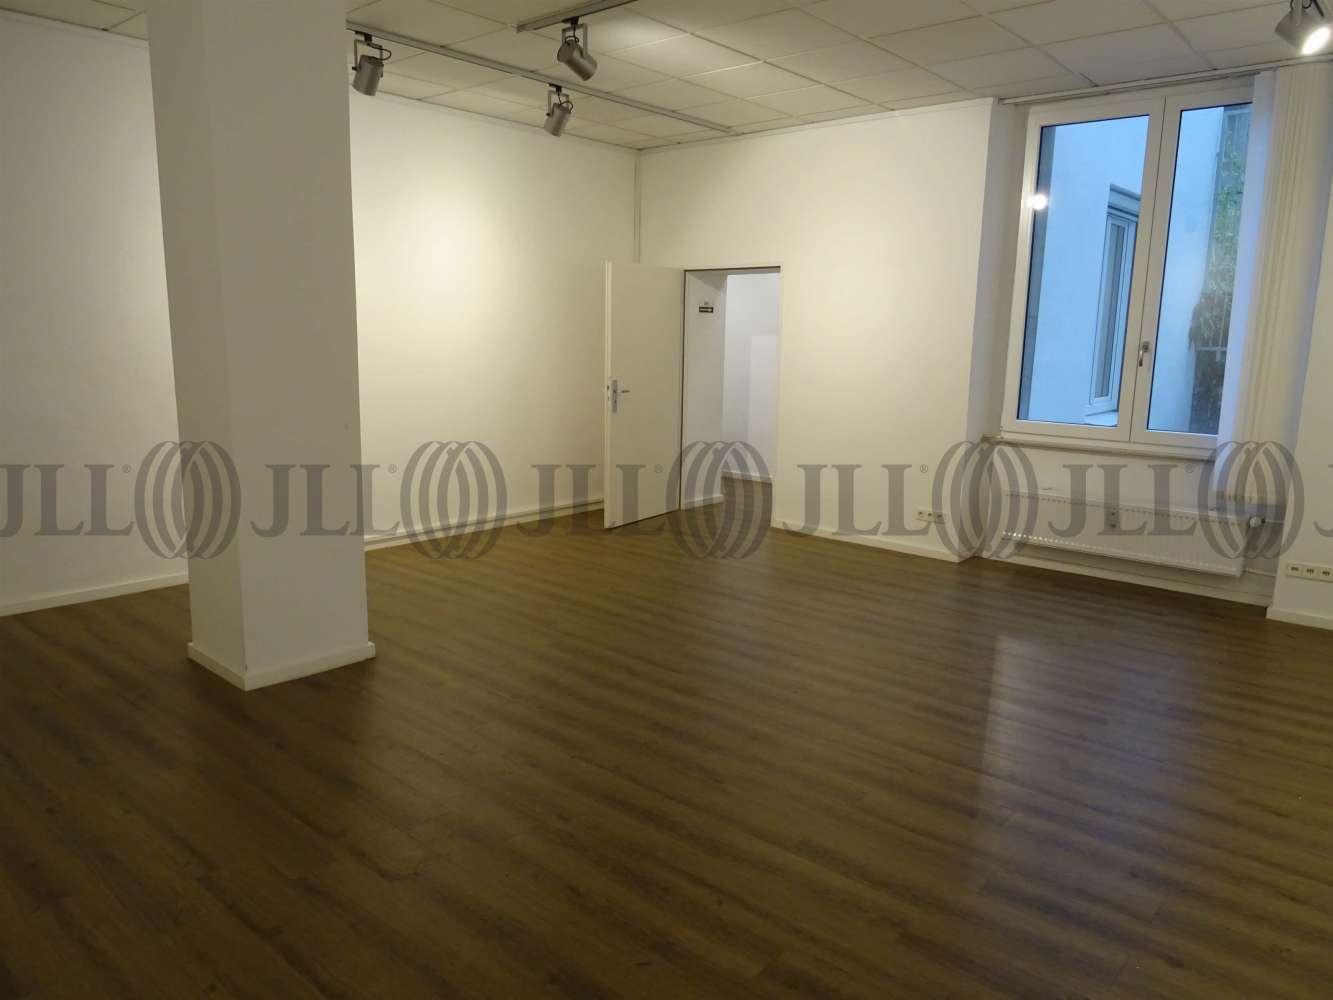 Büros Frankfurt am main, 60329 - Büro - Frankfurt am Main, Innenstadt - F0727 - 9853290